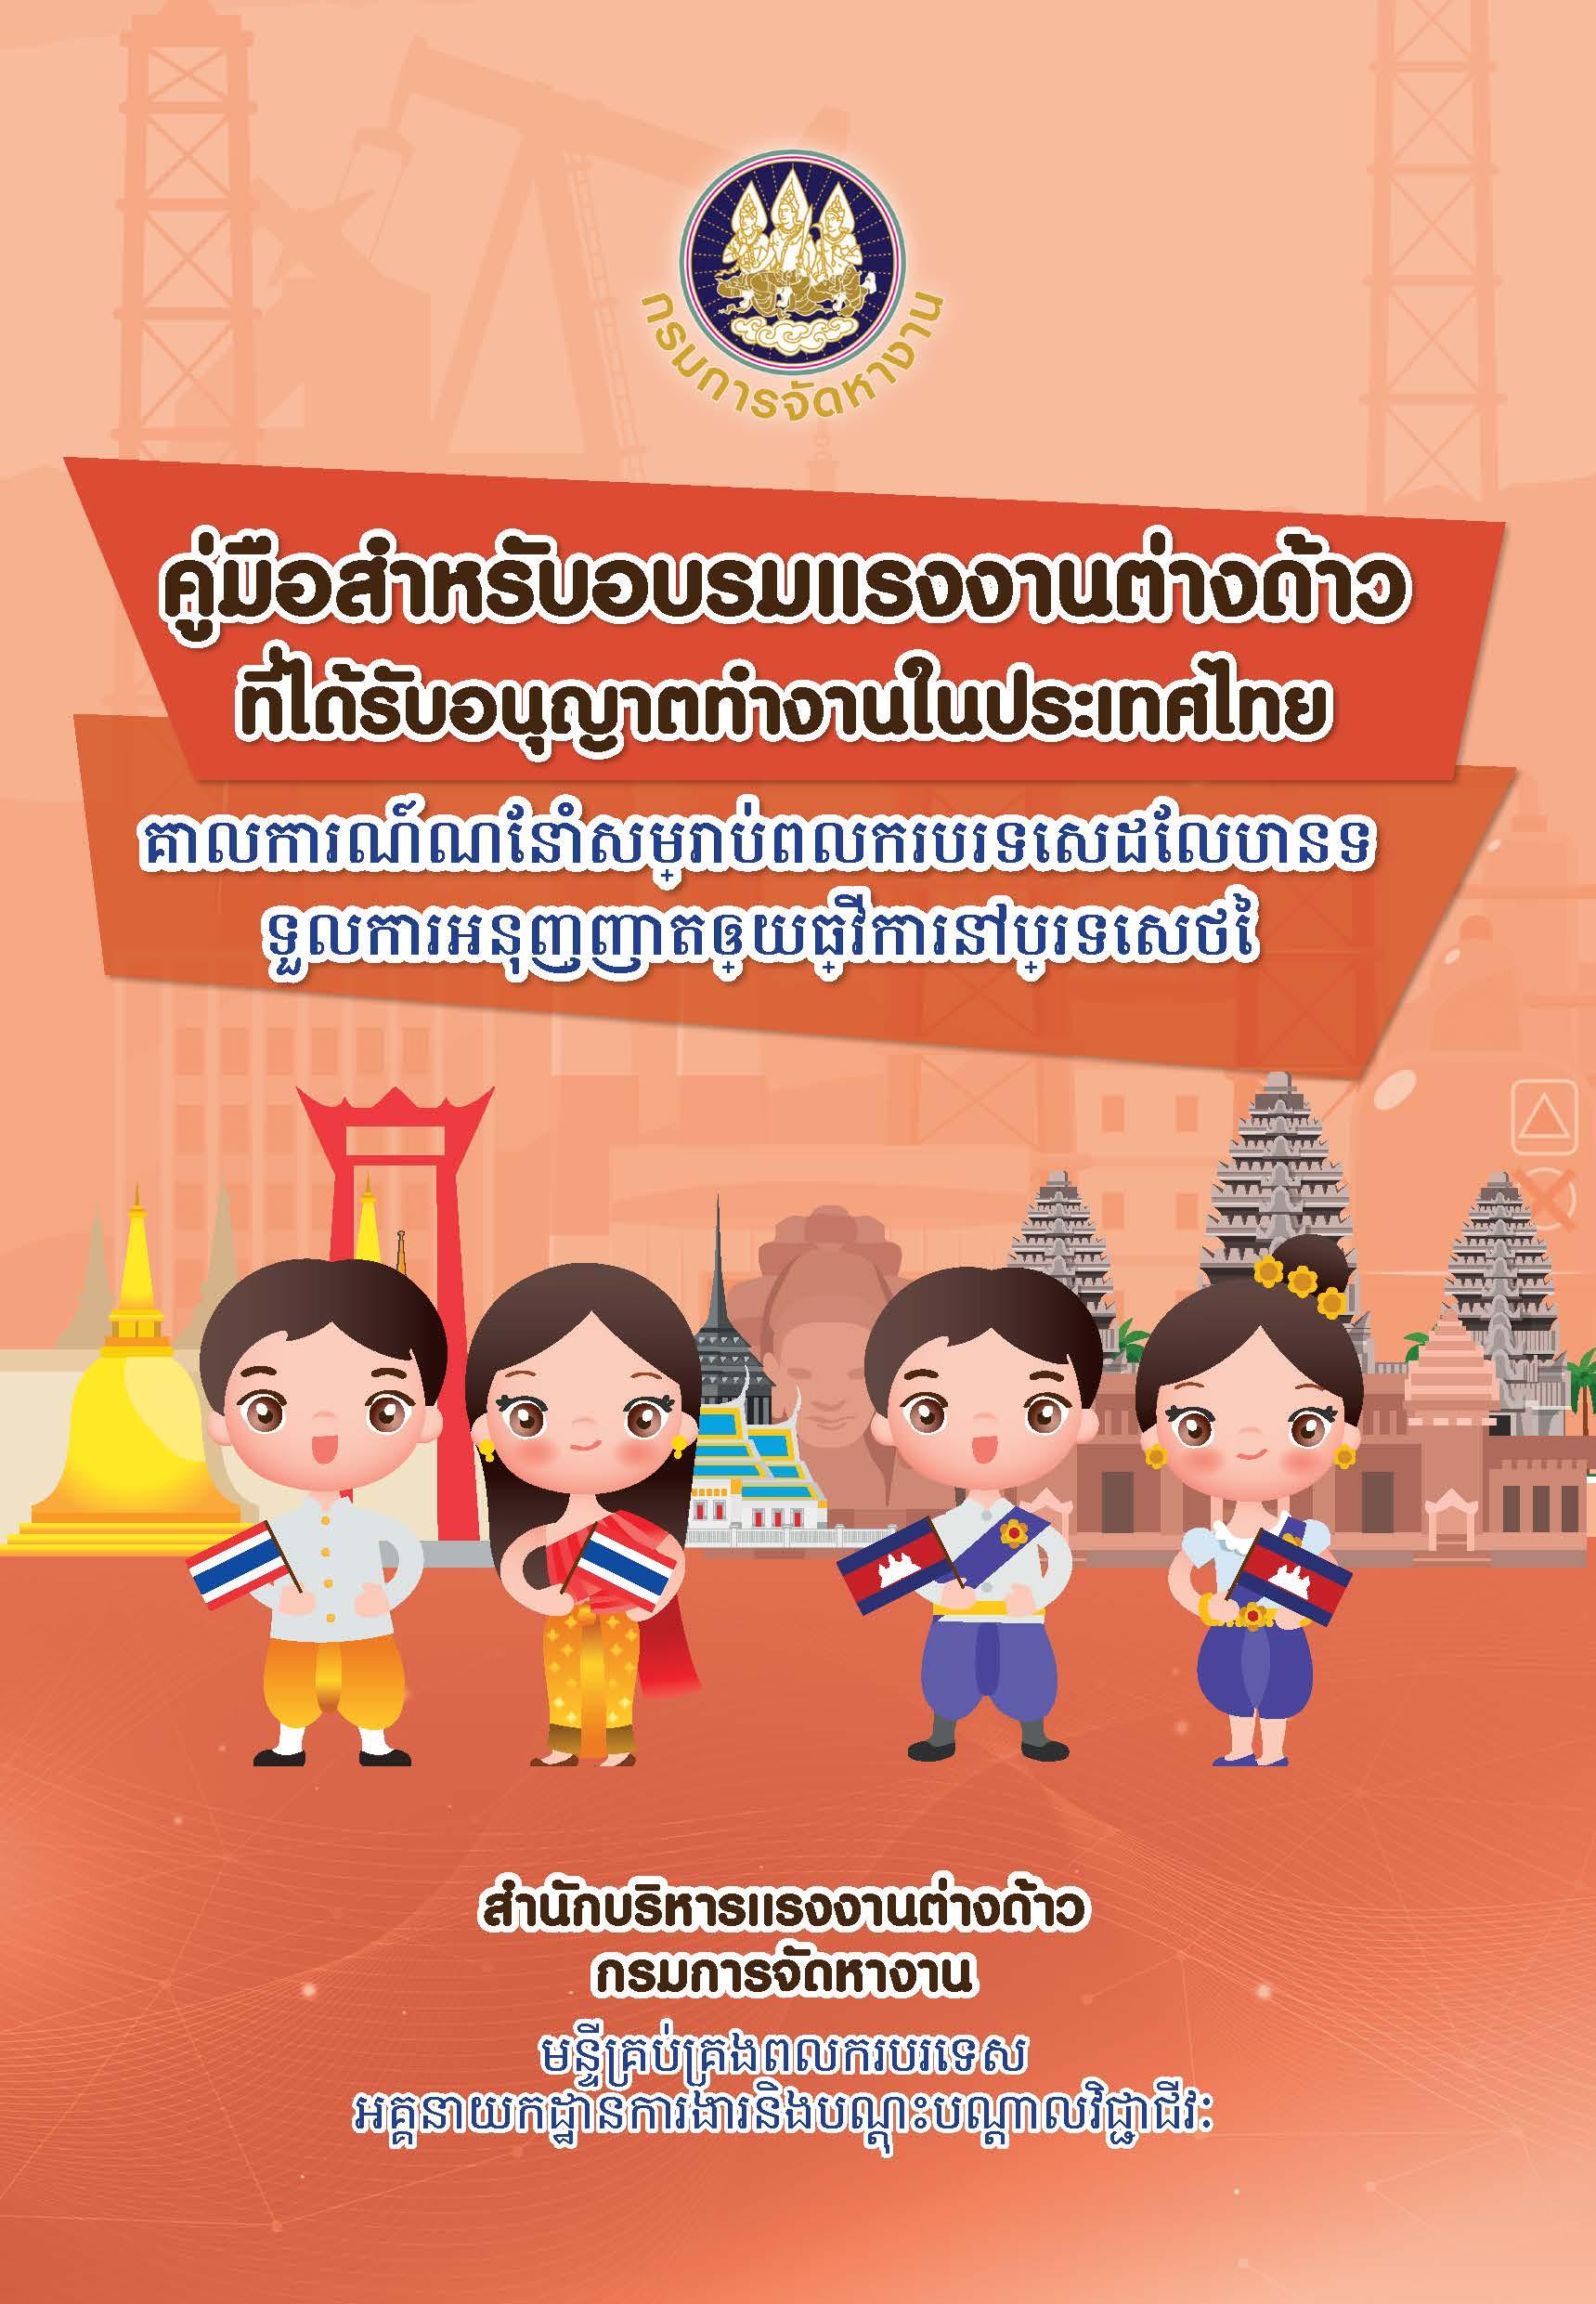 คู่มือสำหรับอบรมแรงงานต่างด้าวที่ได้รับอนุญาตทำงานในประเทศไทย ภาษากัมพูชา